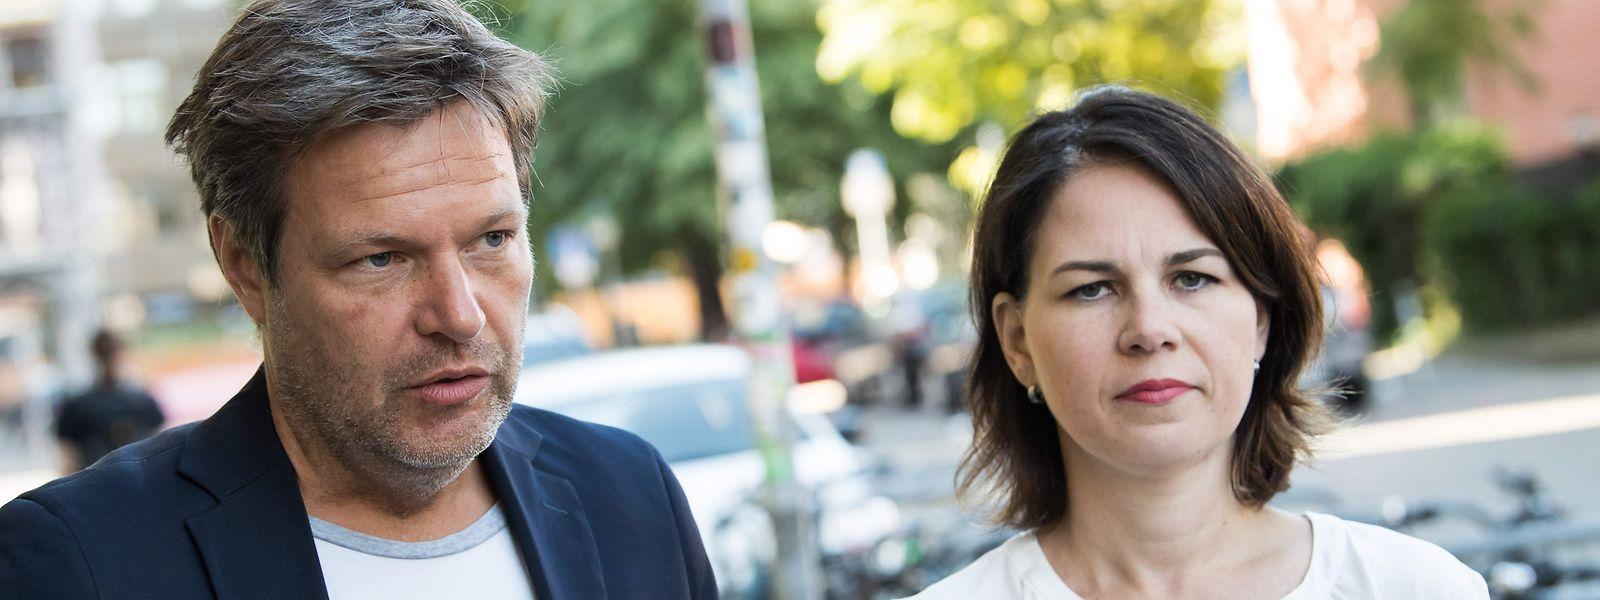 Die Parteiführung der Grünen, Annalena Baerbock (r.) und Robert Habeck, kritisiert den Asylkompromiss der Unionsfraktion.